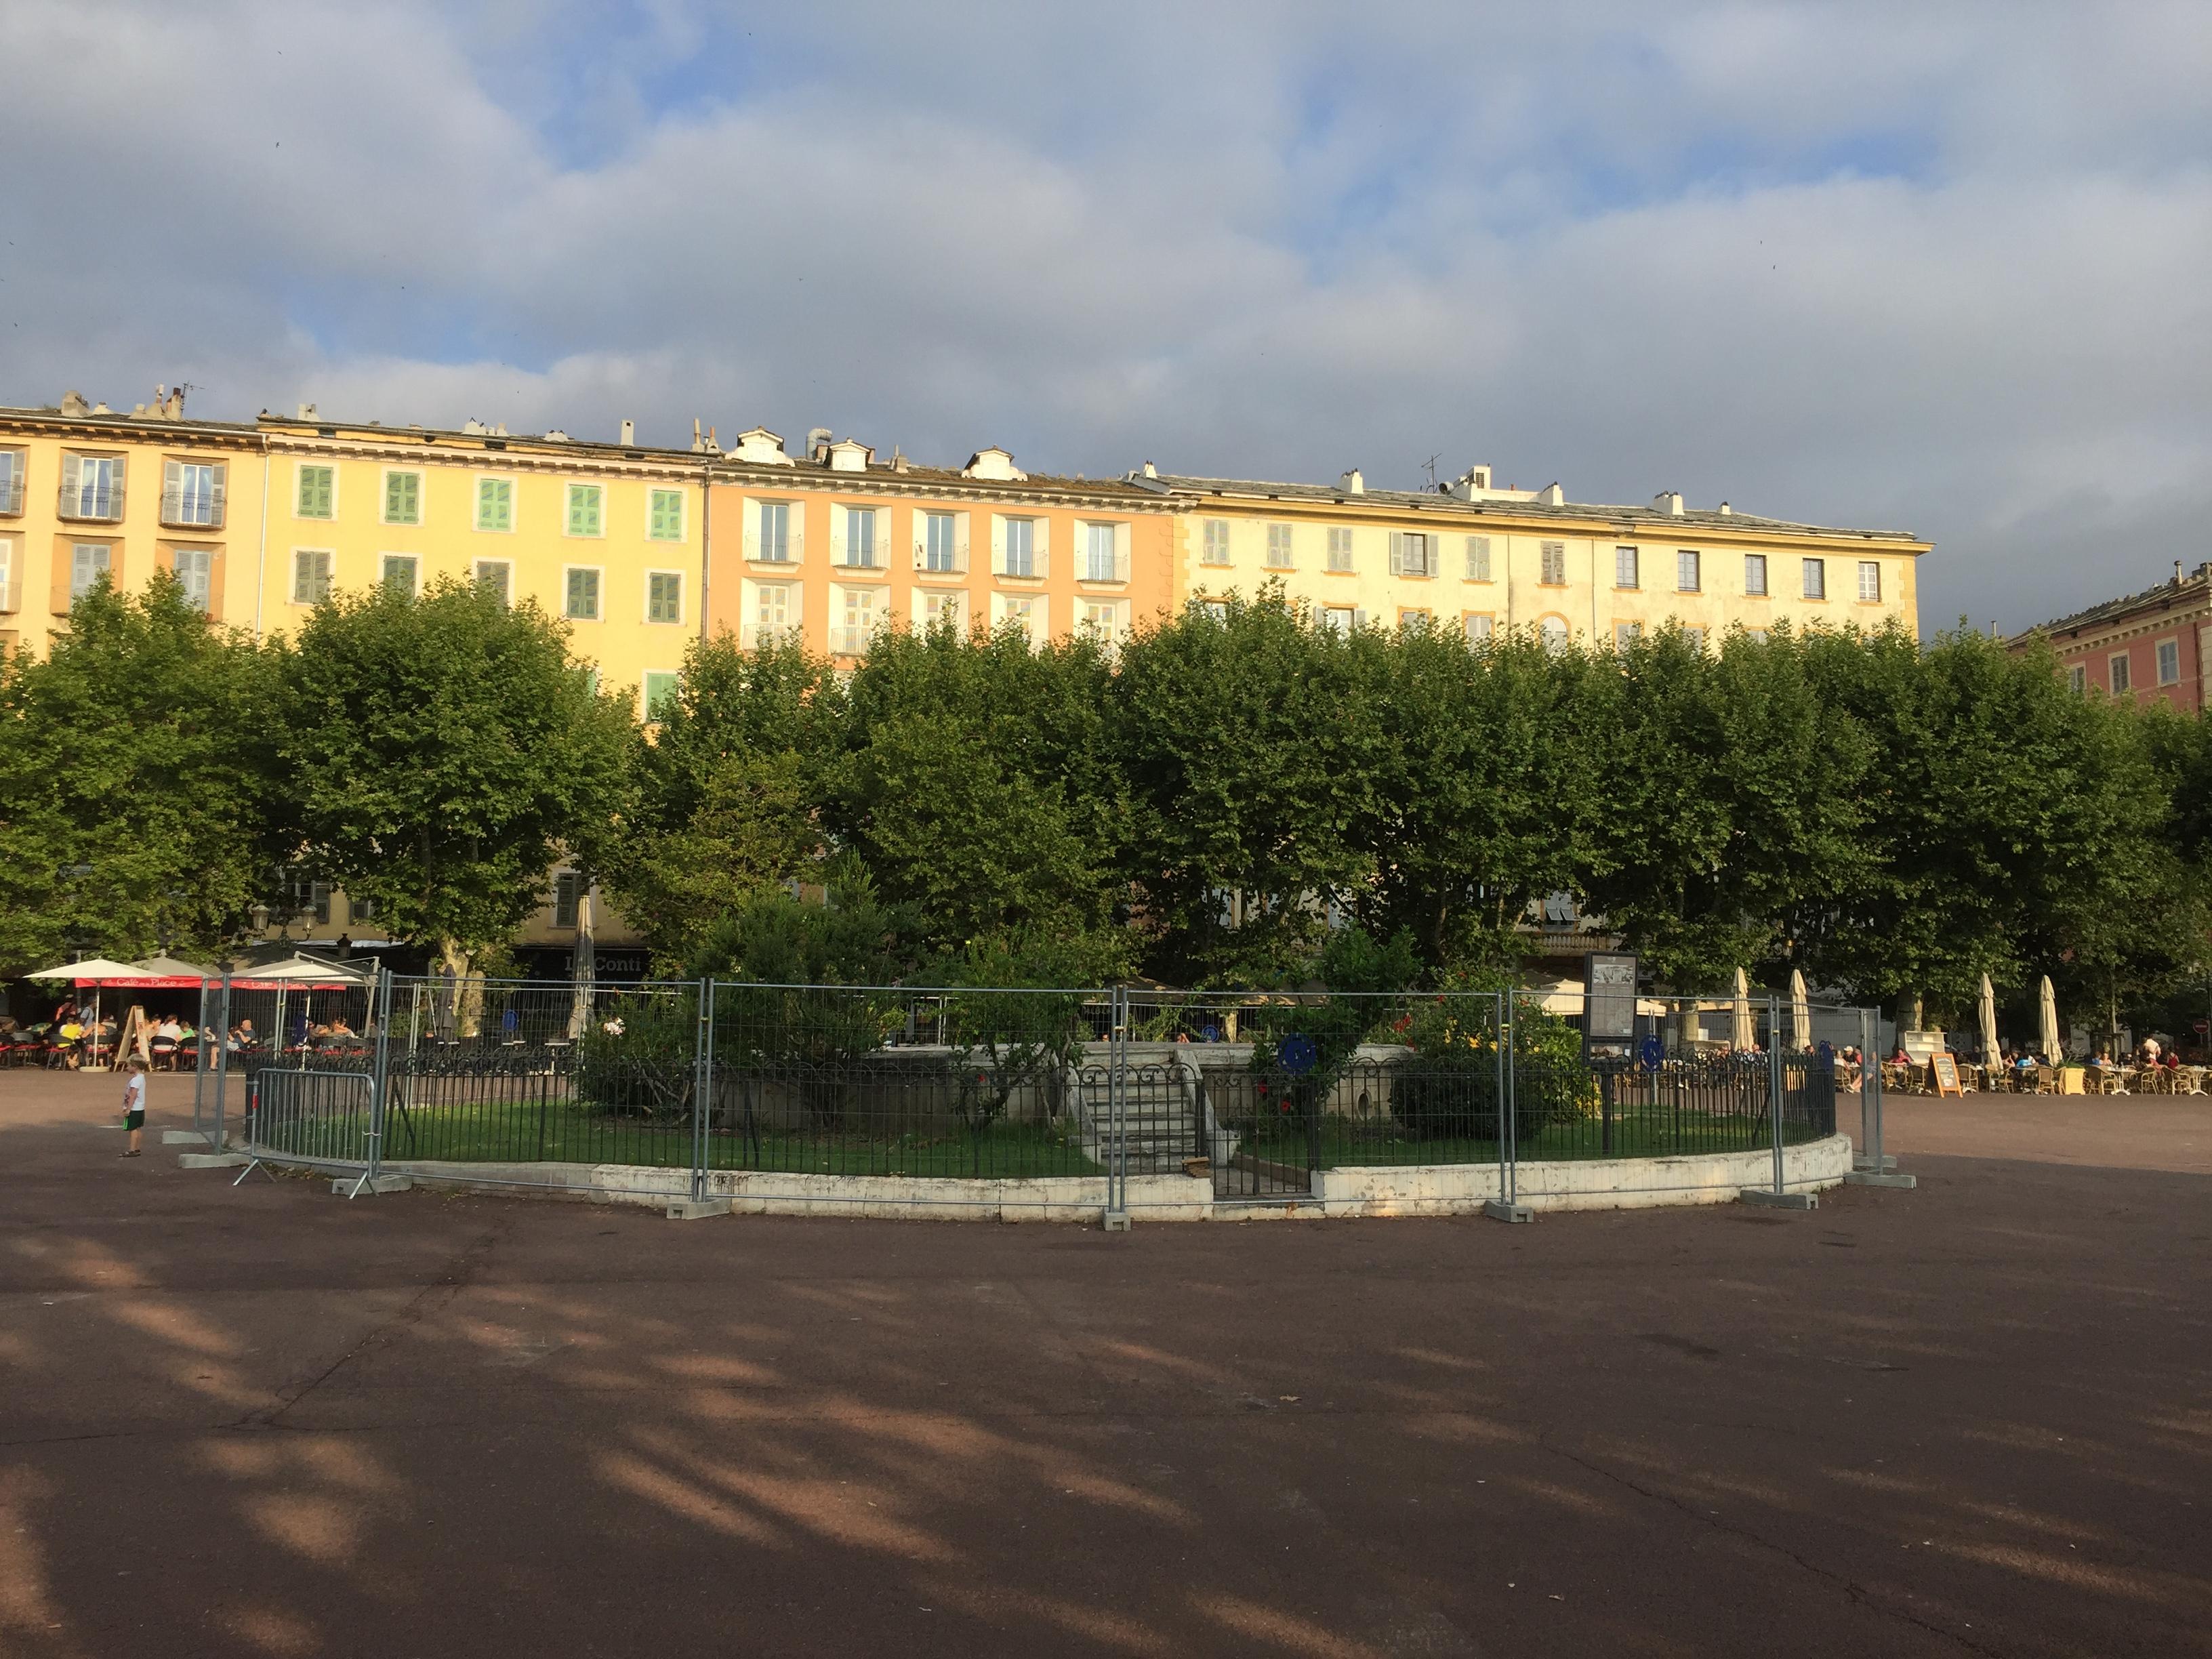 La place St Nicolas parait désormais bien vide sans son kiosque...